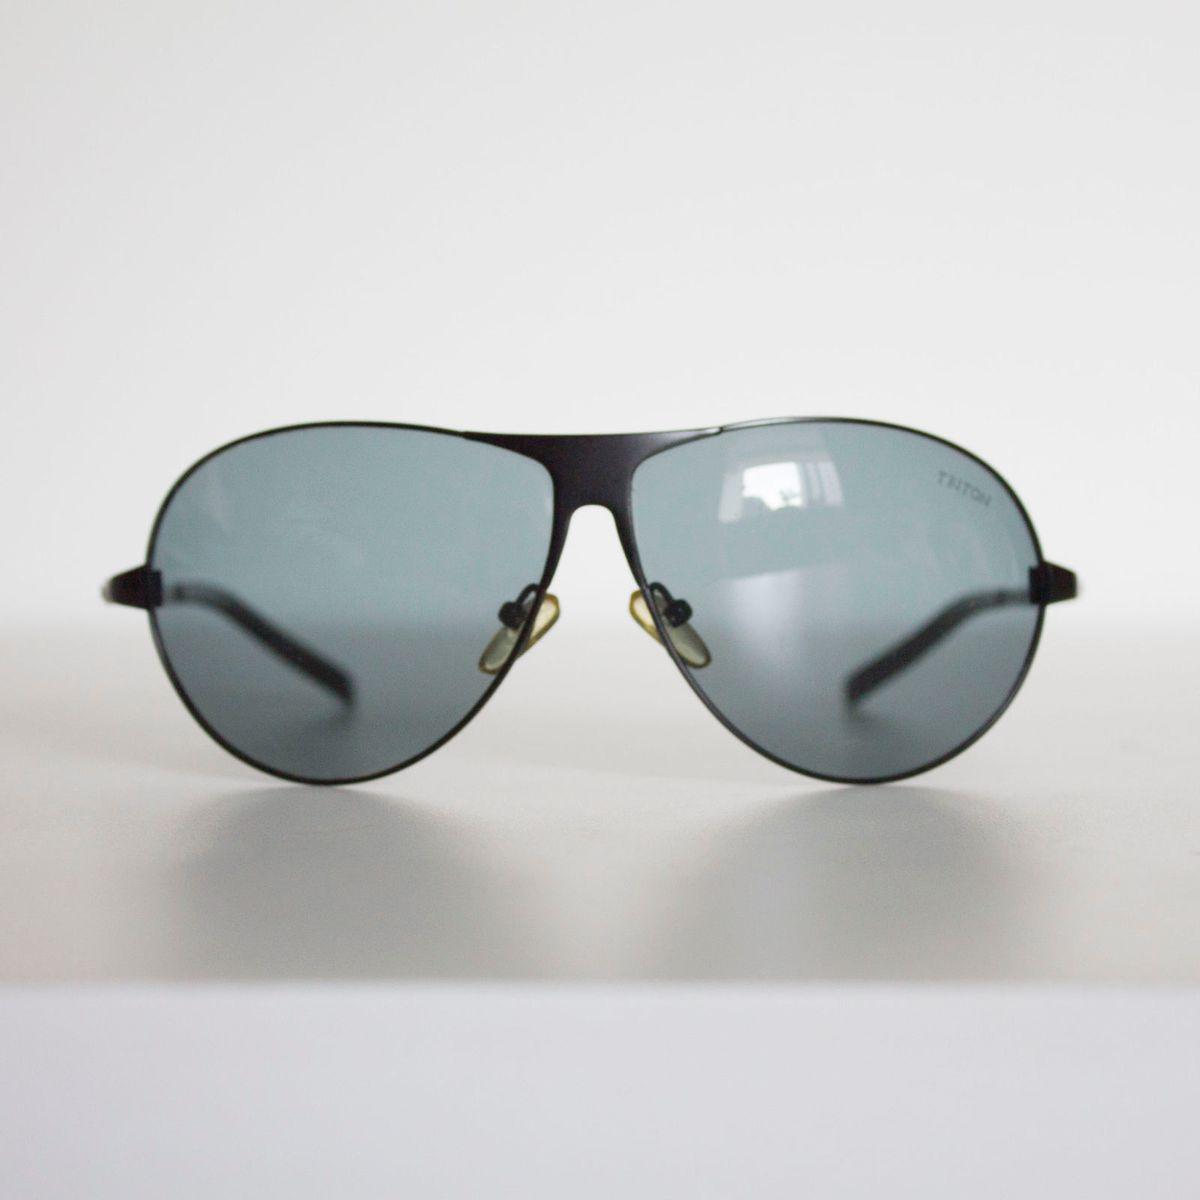 db5933bb695c0 Óculos • Estilo Ray Ban